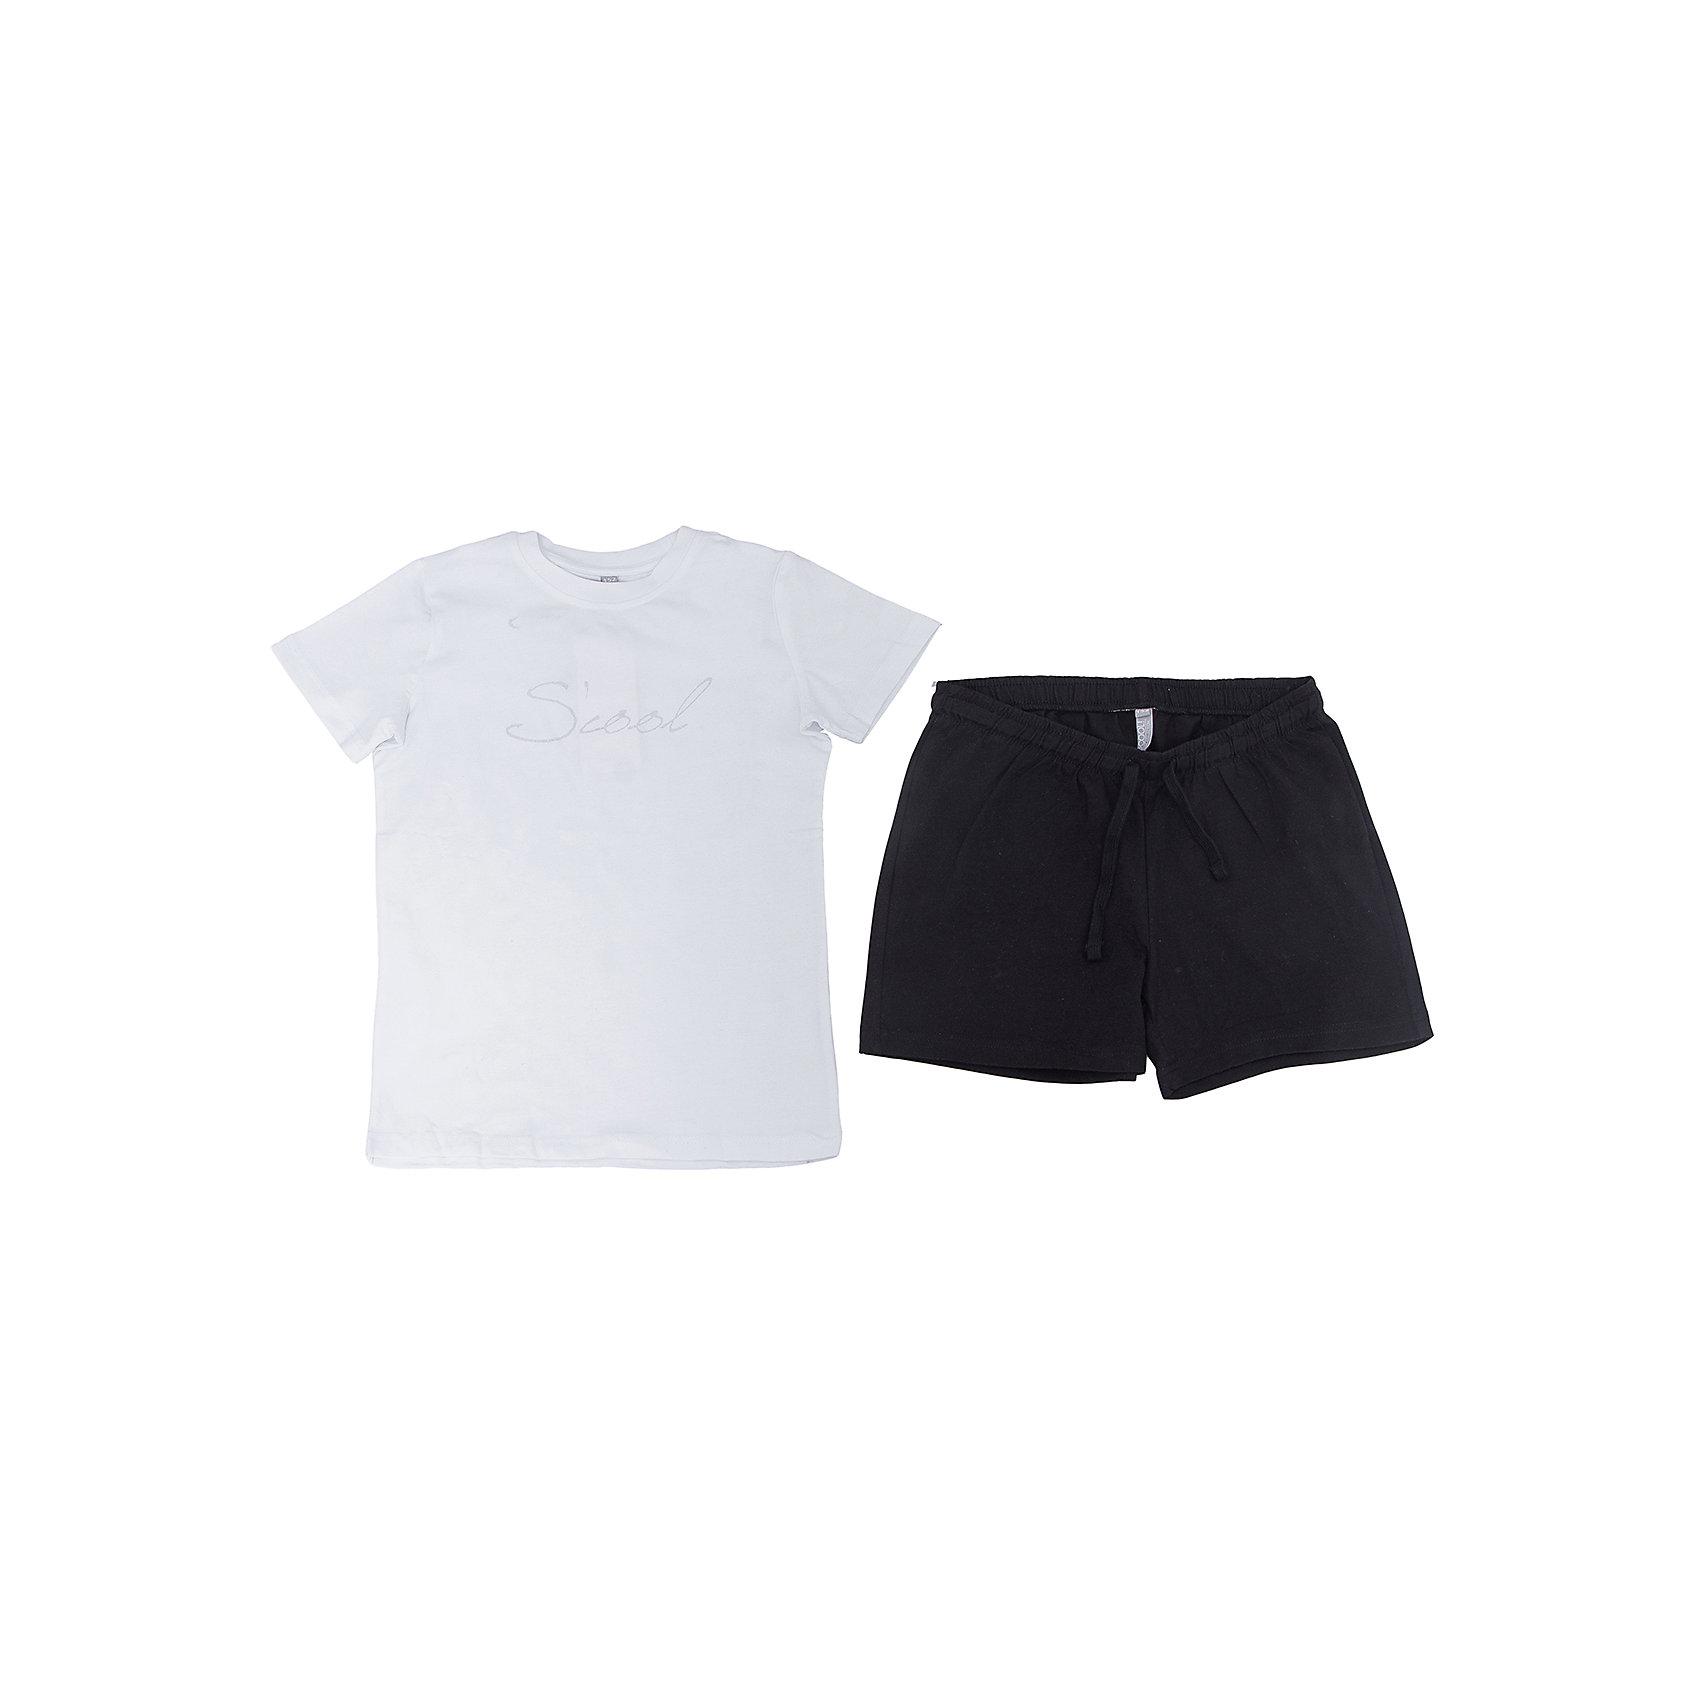 Комплект: футболка и шорты для девочки ScoolСпортивная форма<br>Комплект: футболка и шорты для девочки Scool<br><br>Характеристики:<br><br>• Цвет шорт: черный<br>• Цвет футболки: белый<br>• Материал: 92% хлопок, 8% эластан<br><br>Комплект из футболки и шорт для девочки идеально подойдет для занятий спортом, летних прогулок или посещения физкультуры в школе. Классический покрой и популярная цветовая гамма делает этот комплект незаменимым. Футболка украшена принтом. Шорты держатся на мягкой резинке. Кроме этого их можно дополнительно отрегулировать шнурком. На шортах есть два кармана.<br><br>Комплект: футболка и шорты для девочки Scool можно купить в нашем интернет-магазине.<br><br>Ширина мм: 191<br>Глубина мм: 10<br>Высота мм: 175<br>Вес г: 273<br>Цвет: разноцветный<br>Возраст от месяцев: 120<br>Возраст до месяцев: 132<br>Пол: Женский<br>Возраст: Детский<br>Размер: 146,140,152,158,164,122,128,134<br>SKU: 5227680